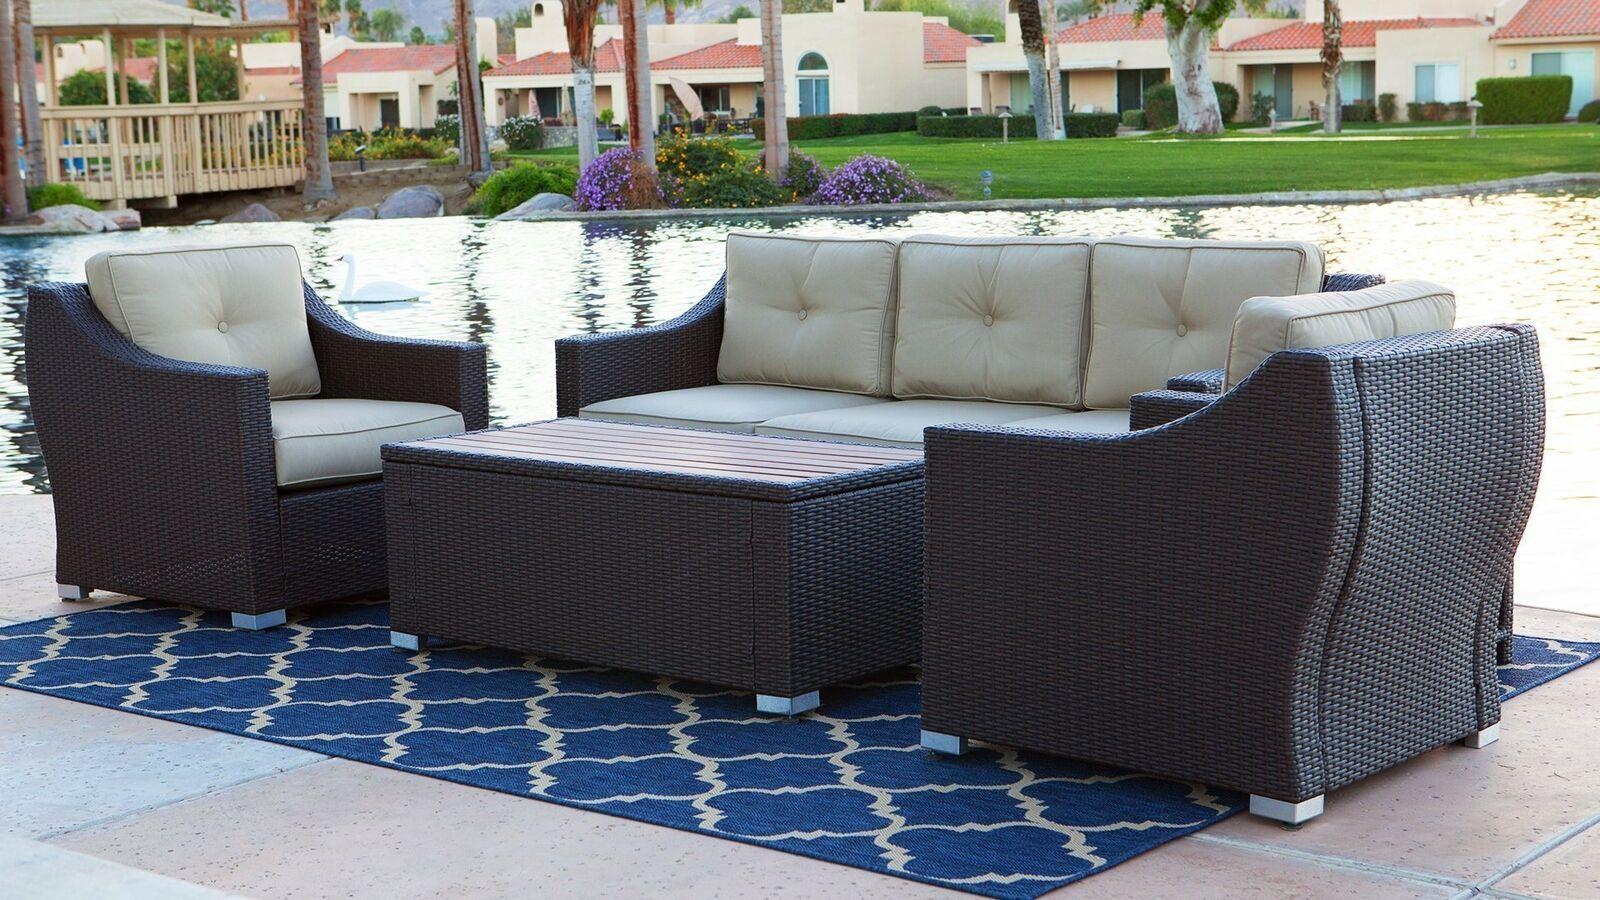 4 Piece White Wicker Patio Furniture